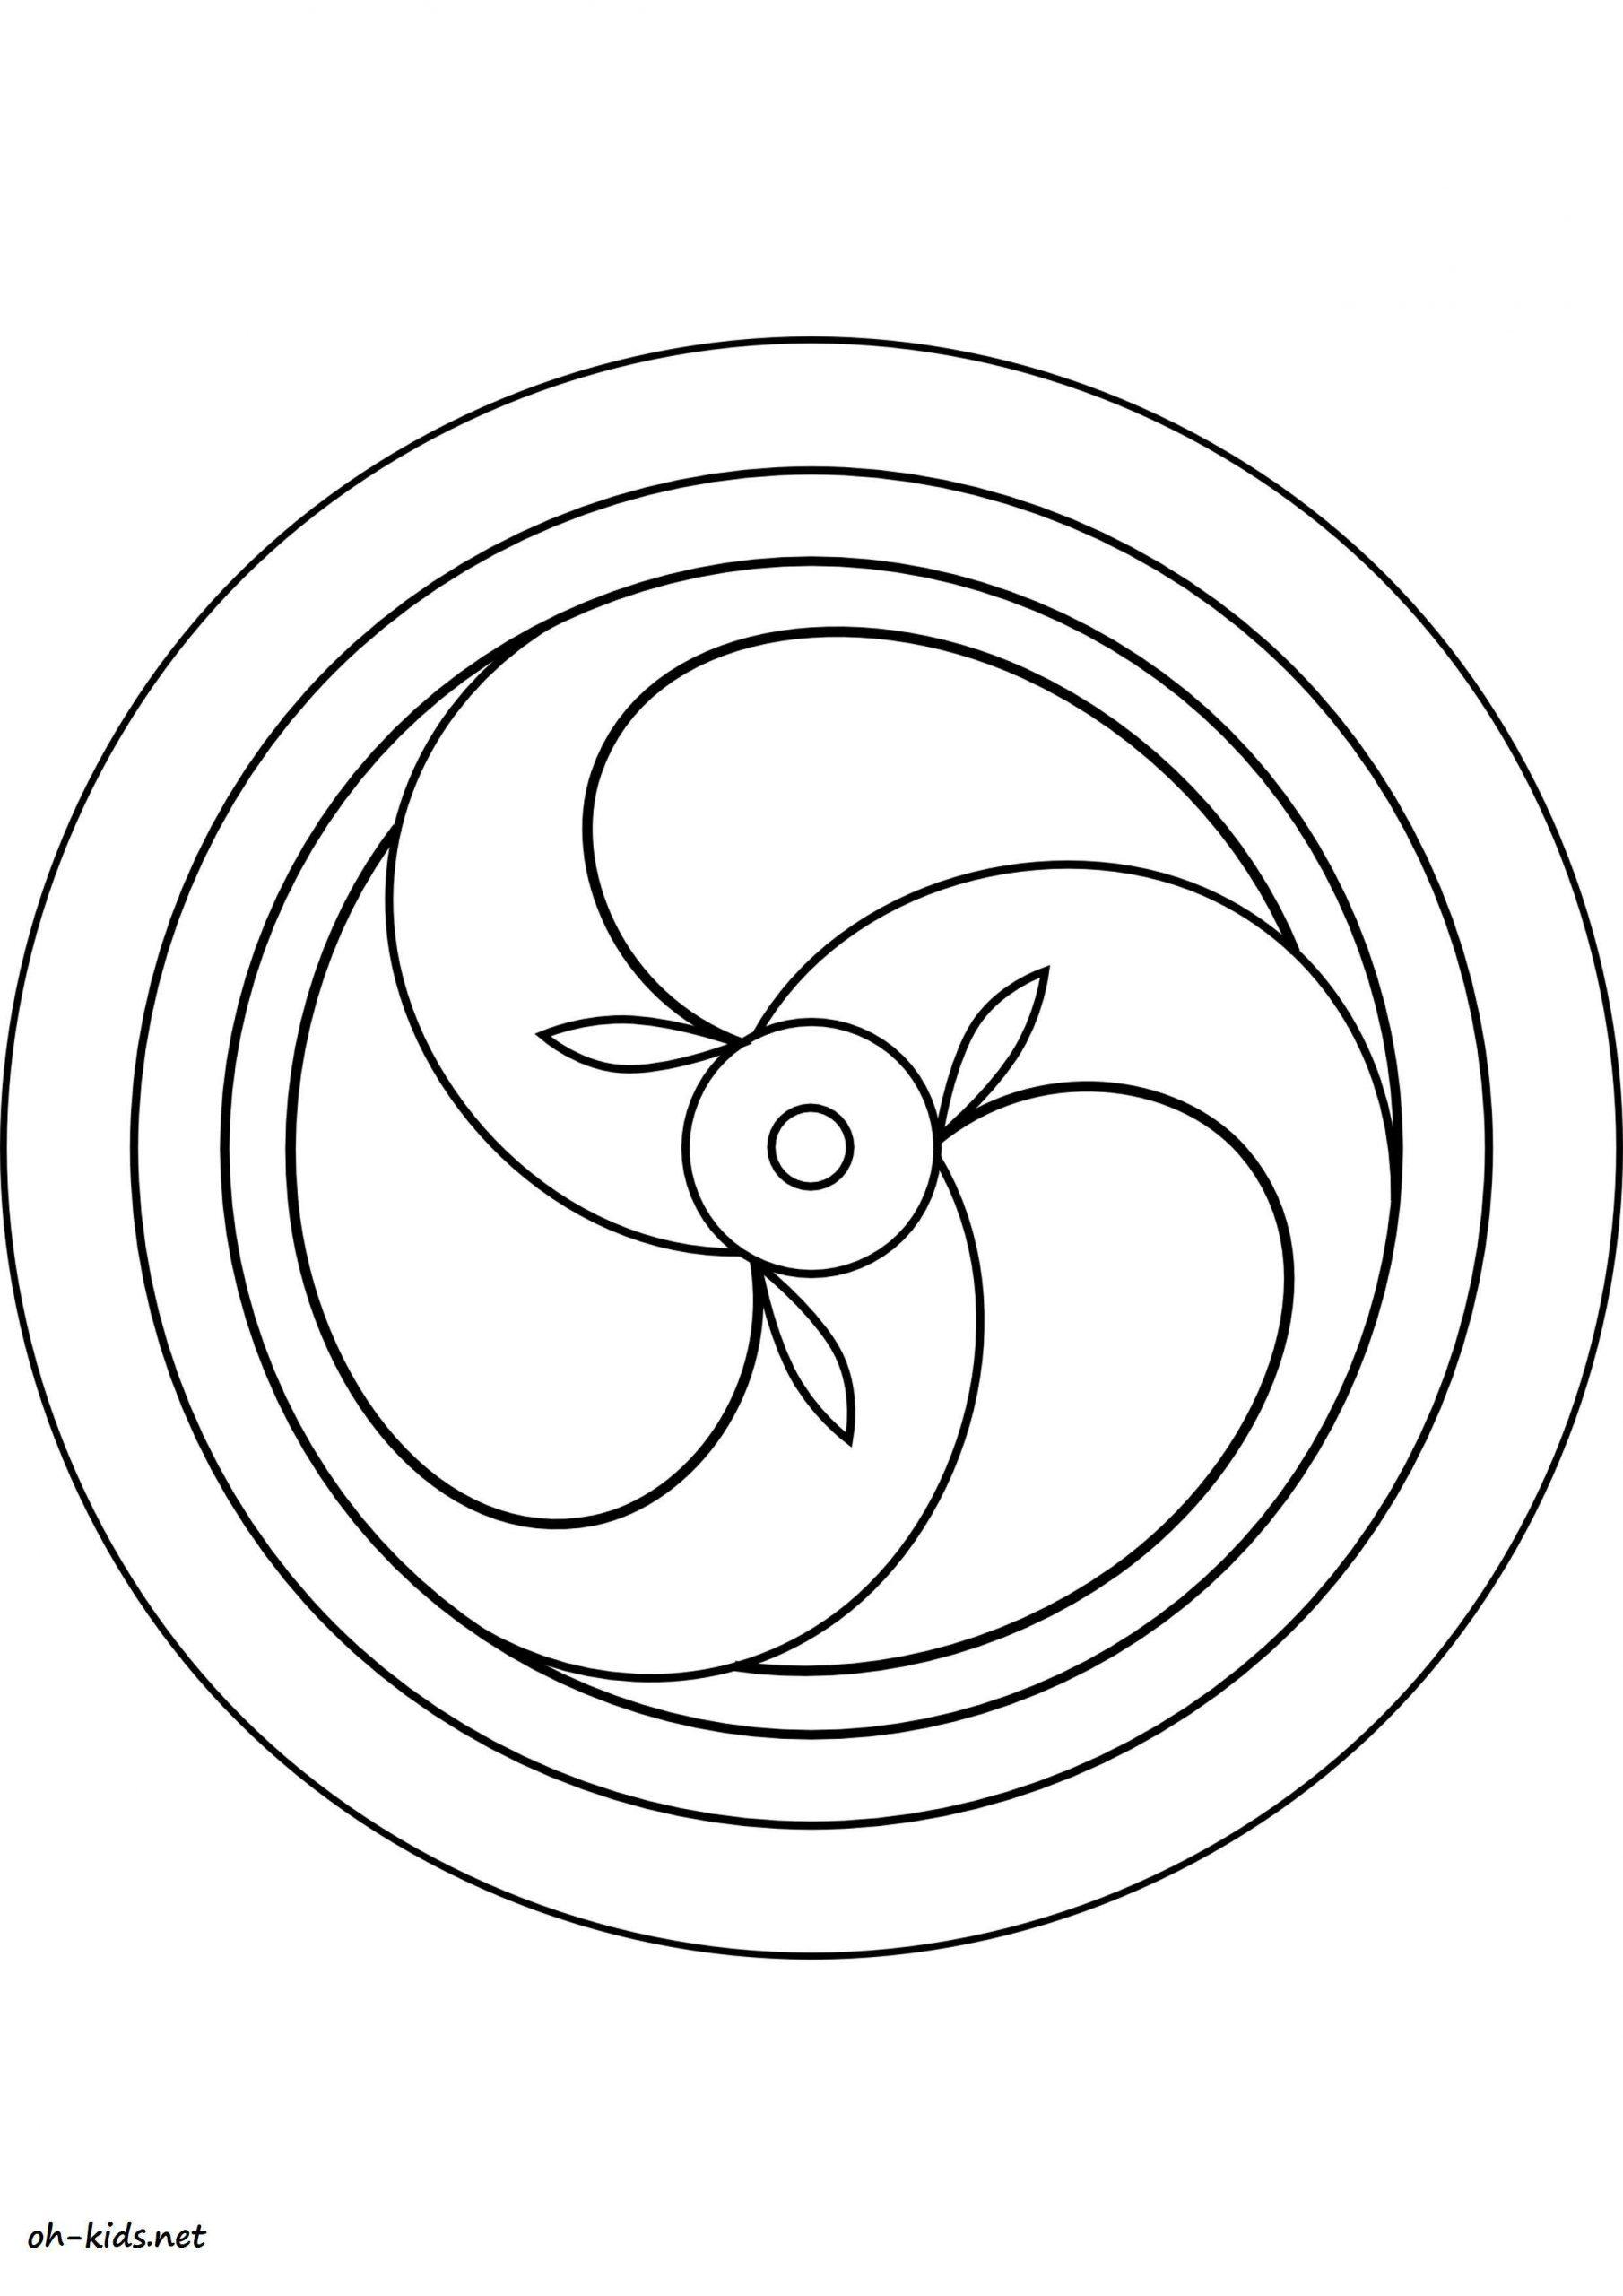 Dessin #1174 - Coloriage Rosace À Imprimer - Oh-Kids intérieur Rosace A Imprimer